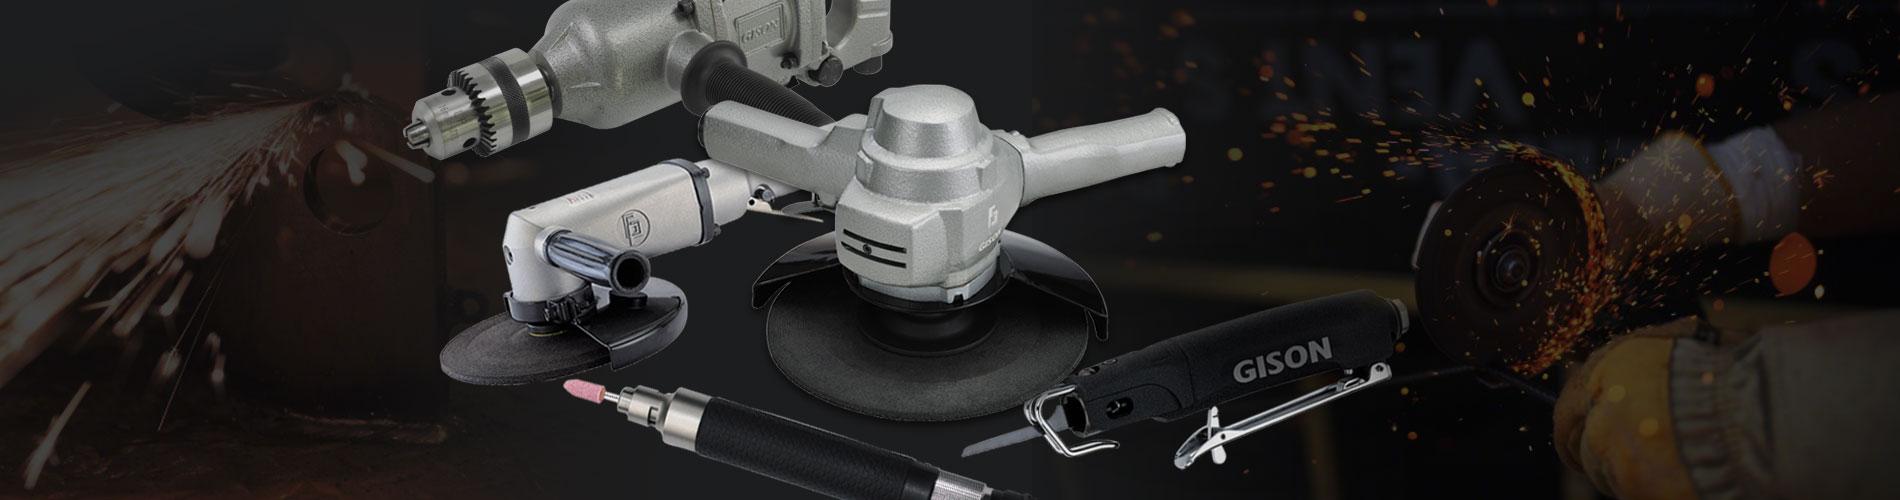 أدوات الهواء ل طحن / قطع / حفر